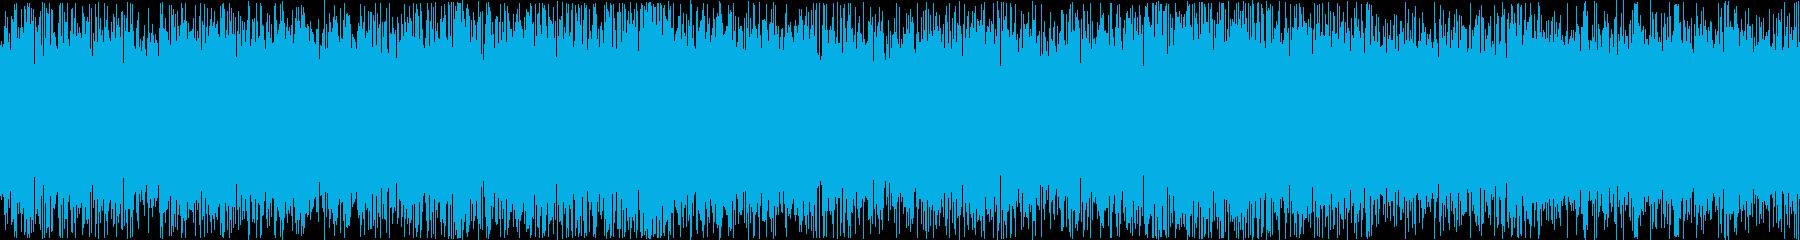 ザァー(FMラジオのノイズG)ループ処理の再生済みの波形